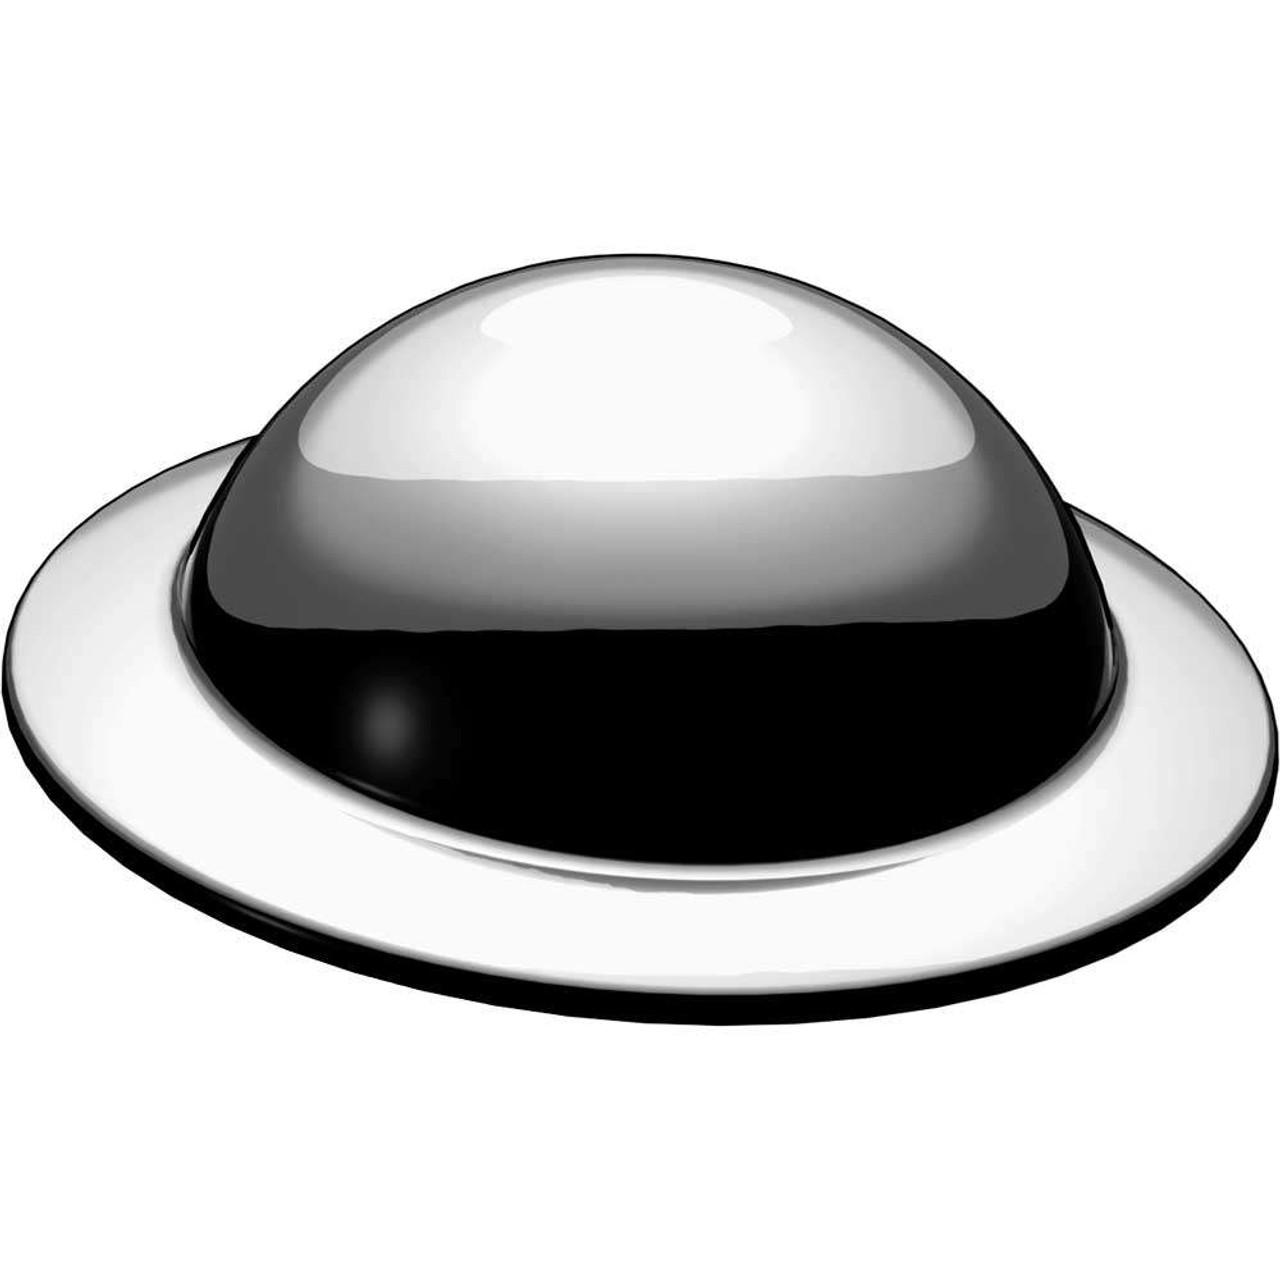 BrickArms Headgear Brodie Helmet 2.5-Inch [Gray]